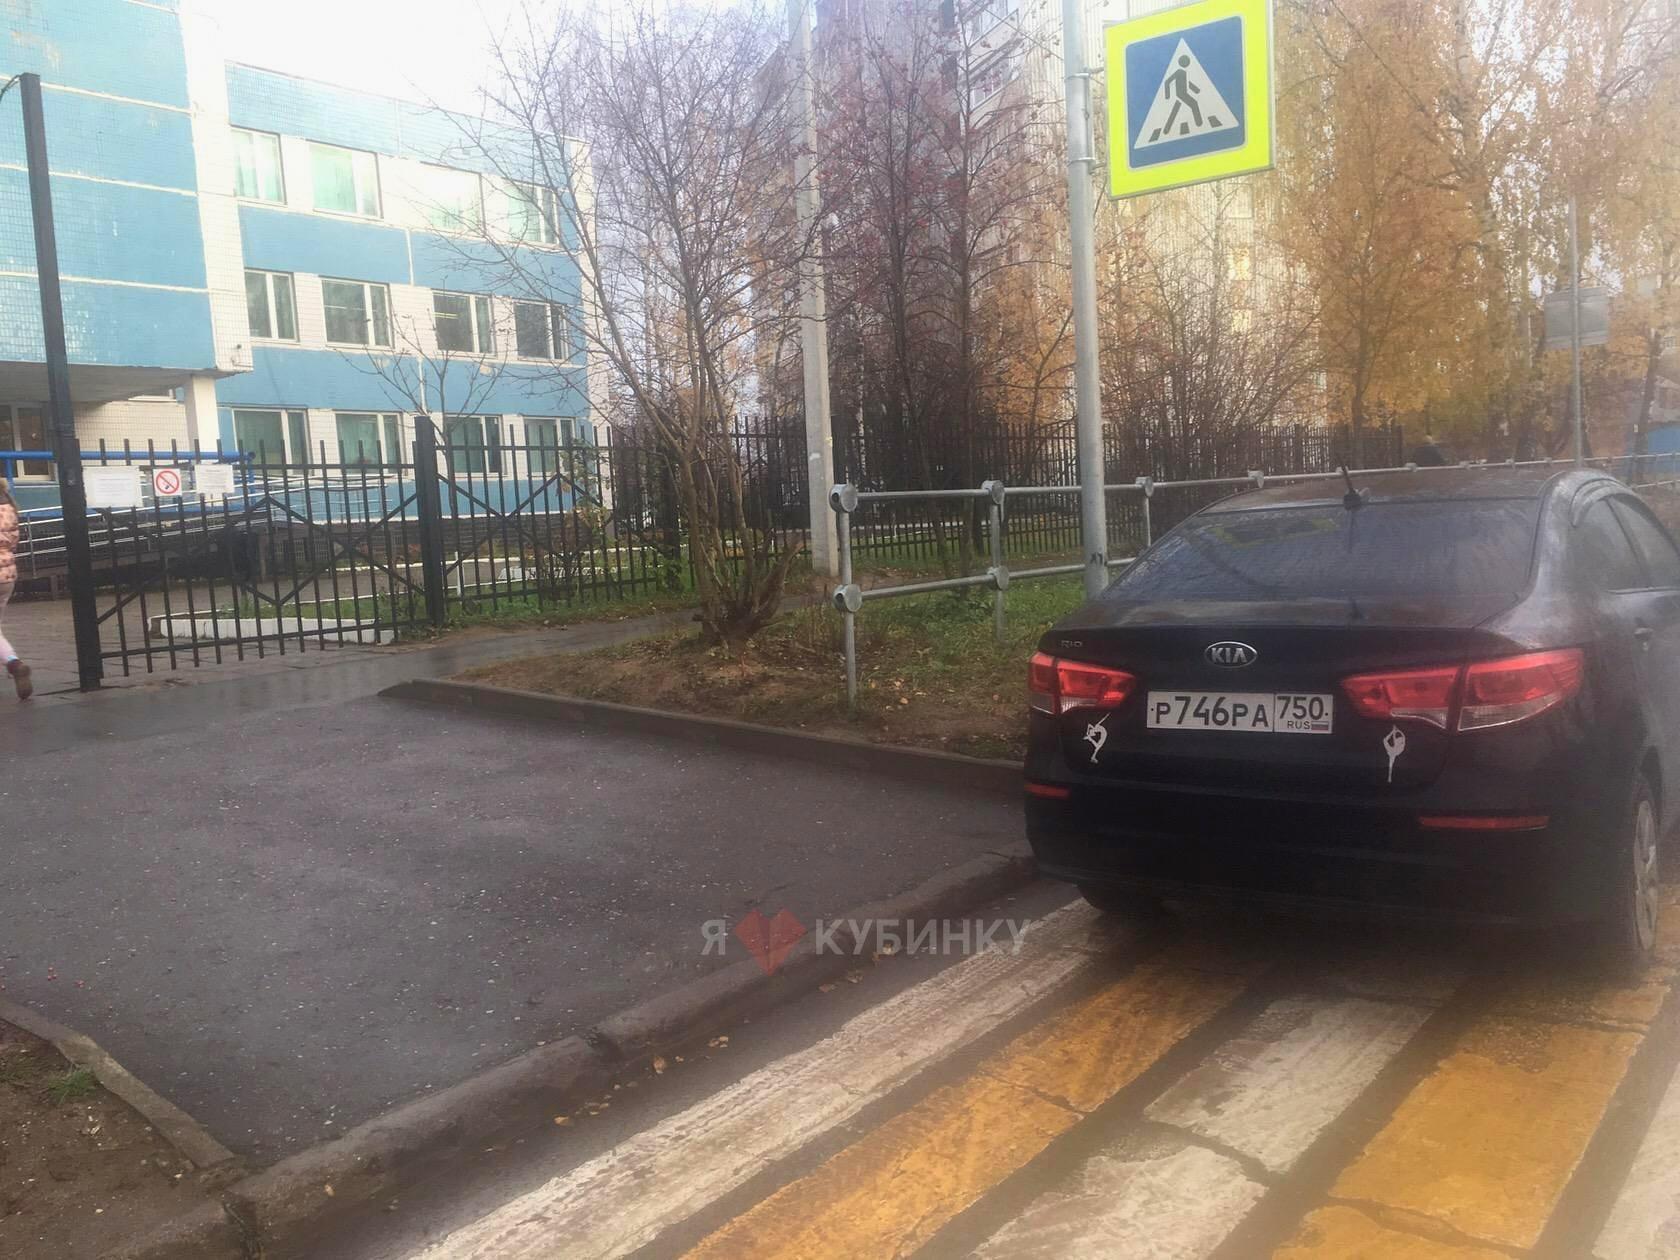 ГИБДД НА ЗАМЕТКУ: ( от подписчиков) Так паркуются